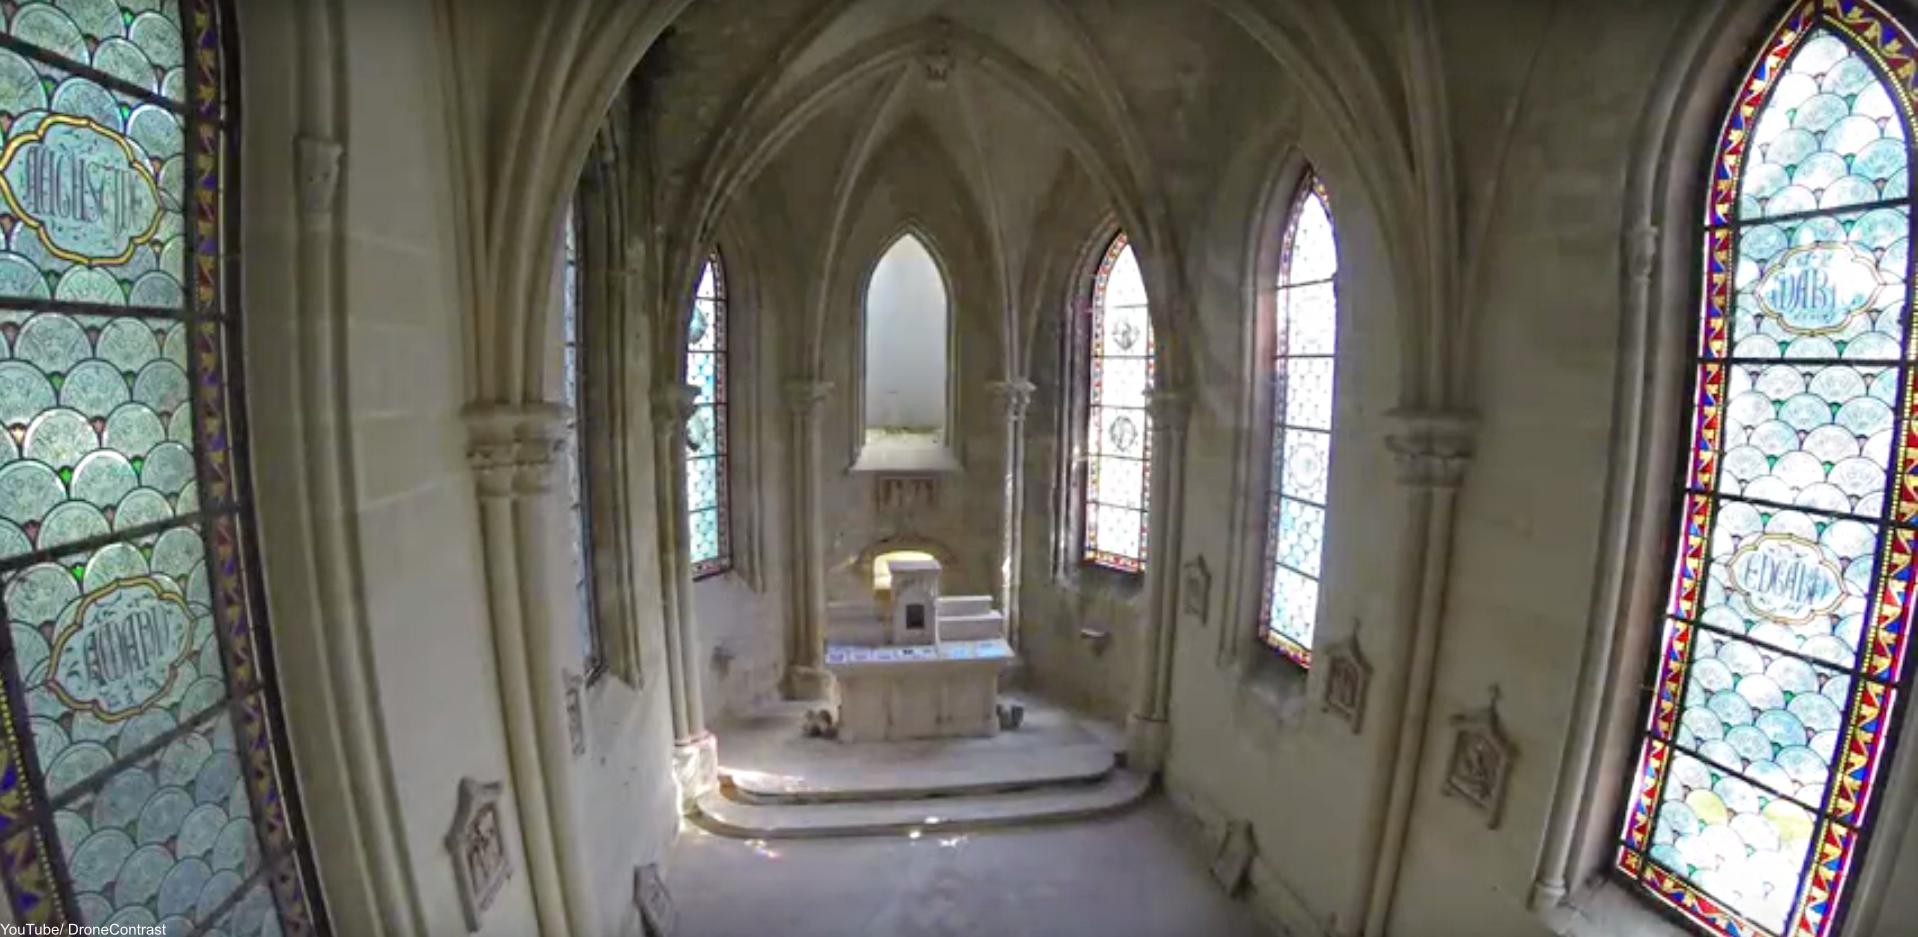 Château de la Mothe-Chandeniers chapel